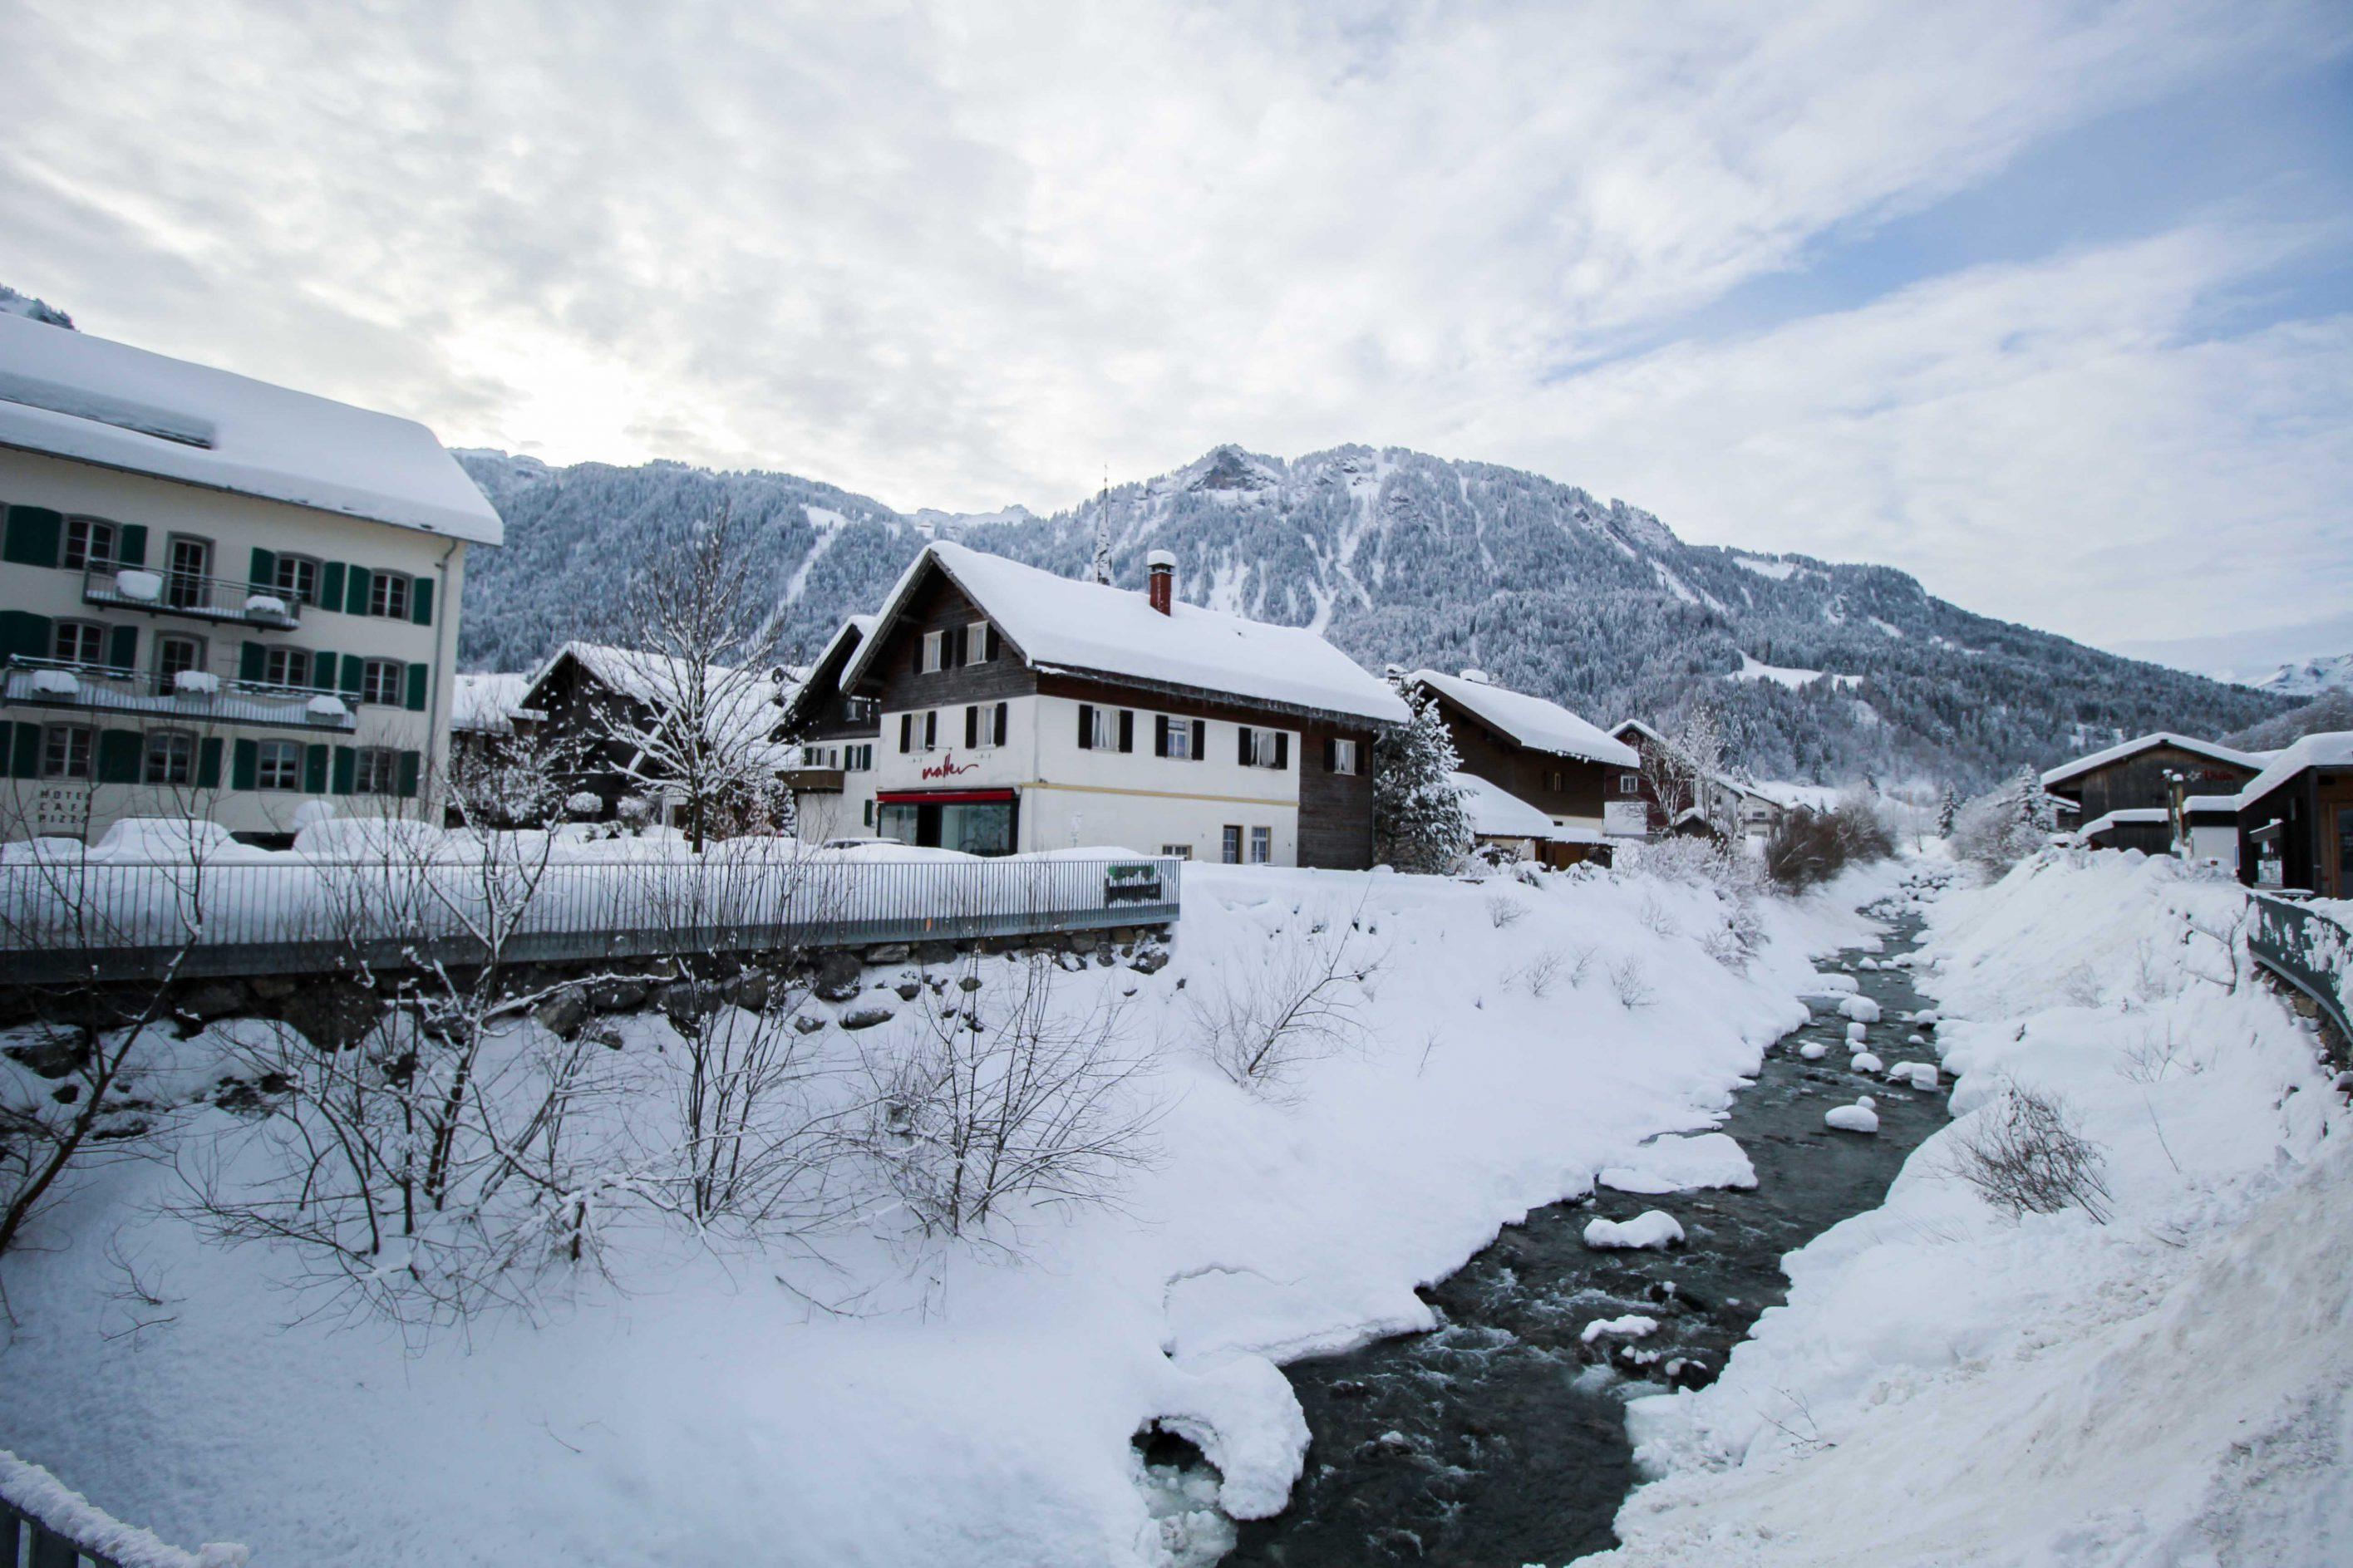 Wellnesswochenende Österreich Sonne Lifestyle Resort Mellau Wellnesshotel Bregenzerwald Schneelandschaft Dorf Mellau Reiseblog